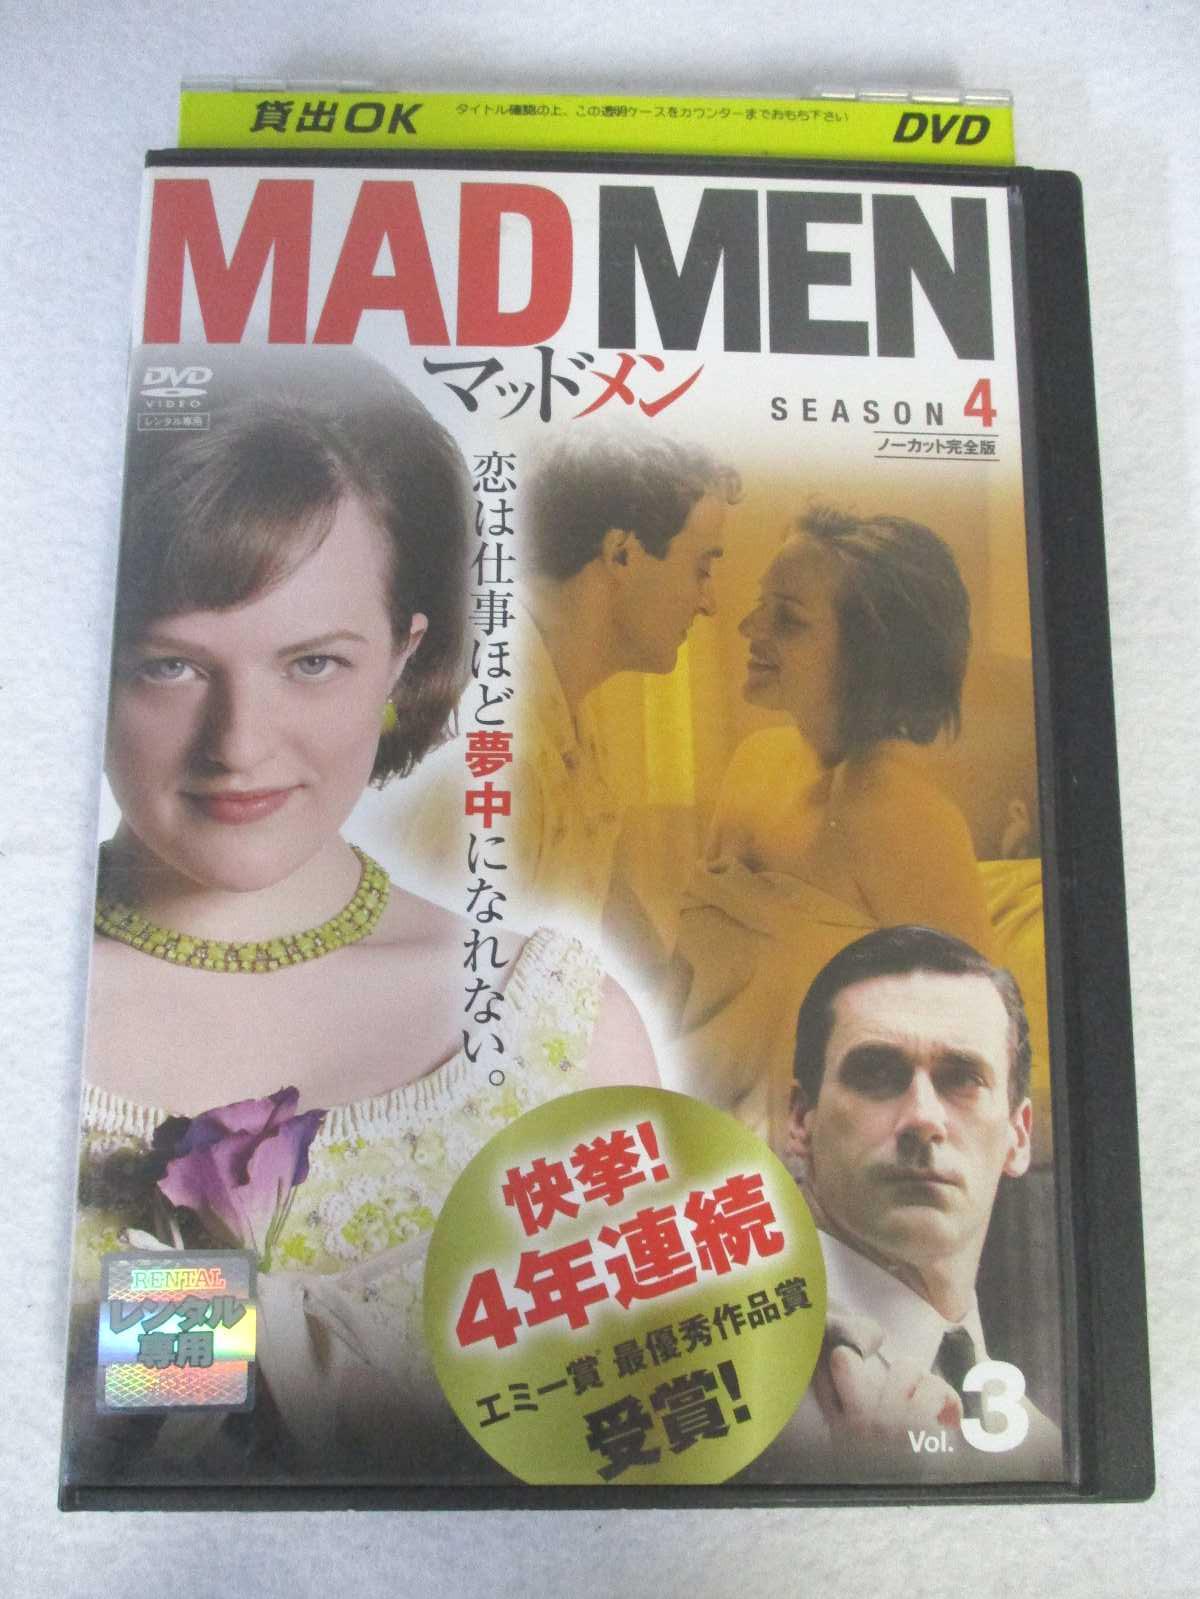 恋は仕事ほど夢中になれない AD07055 中古 DVD Vol.3 ノーカット完全版 売買 シーズン4 マッドメン 安値